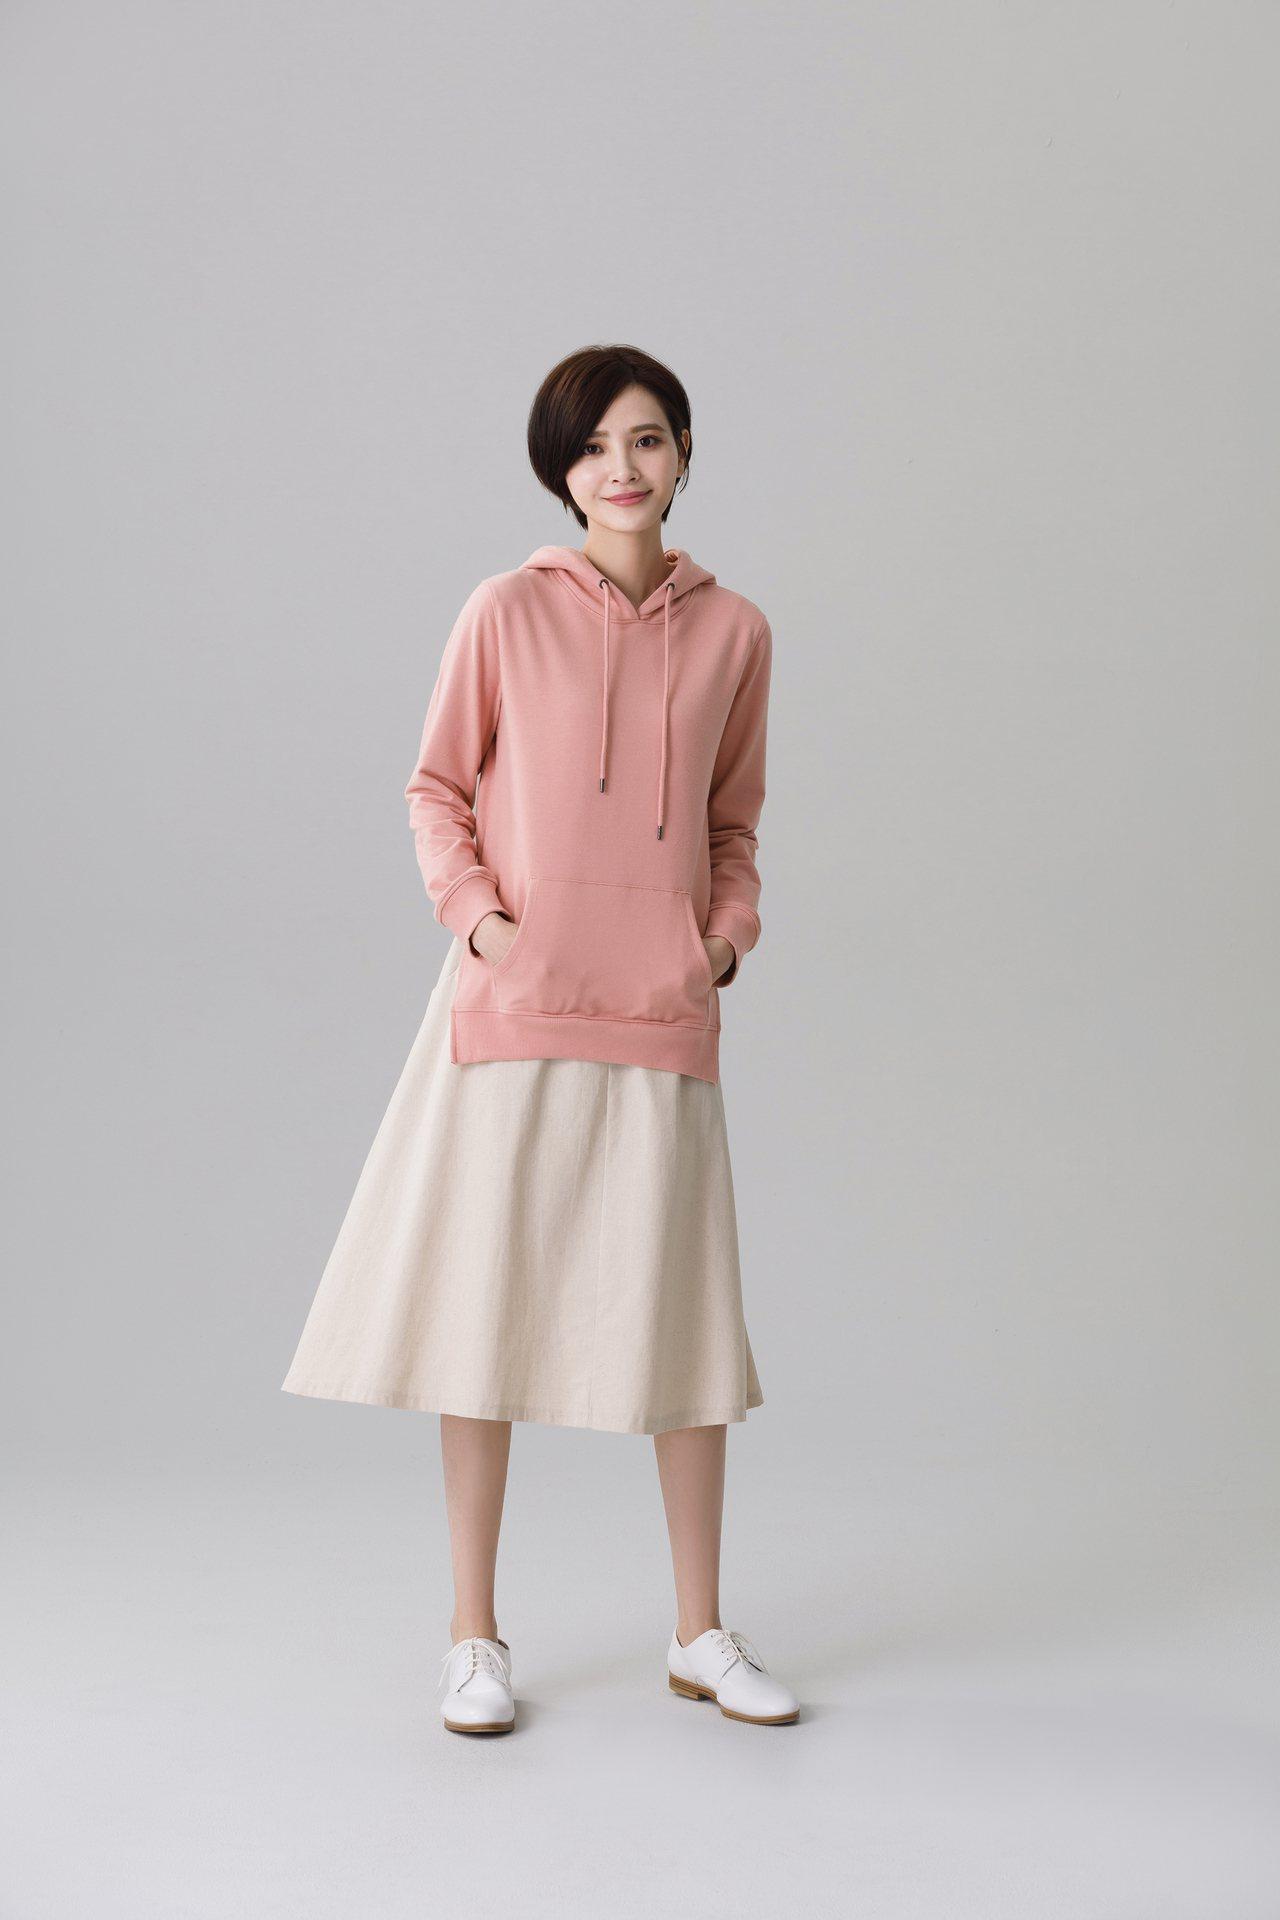 范瑋琪自創服飾品牌GENQUO以舒服的生活為出發點。圖/momo購物網提供